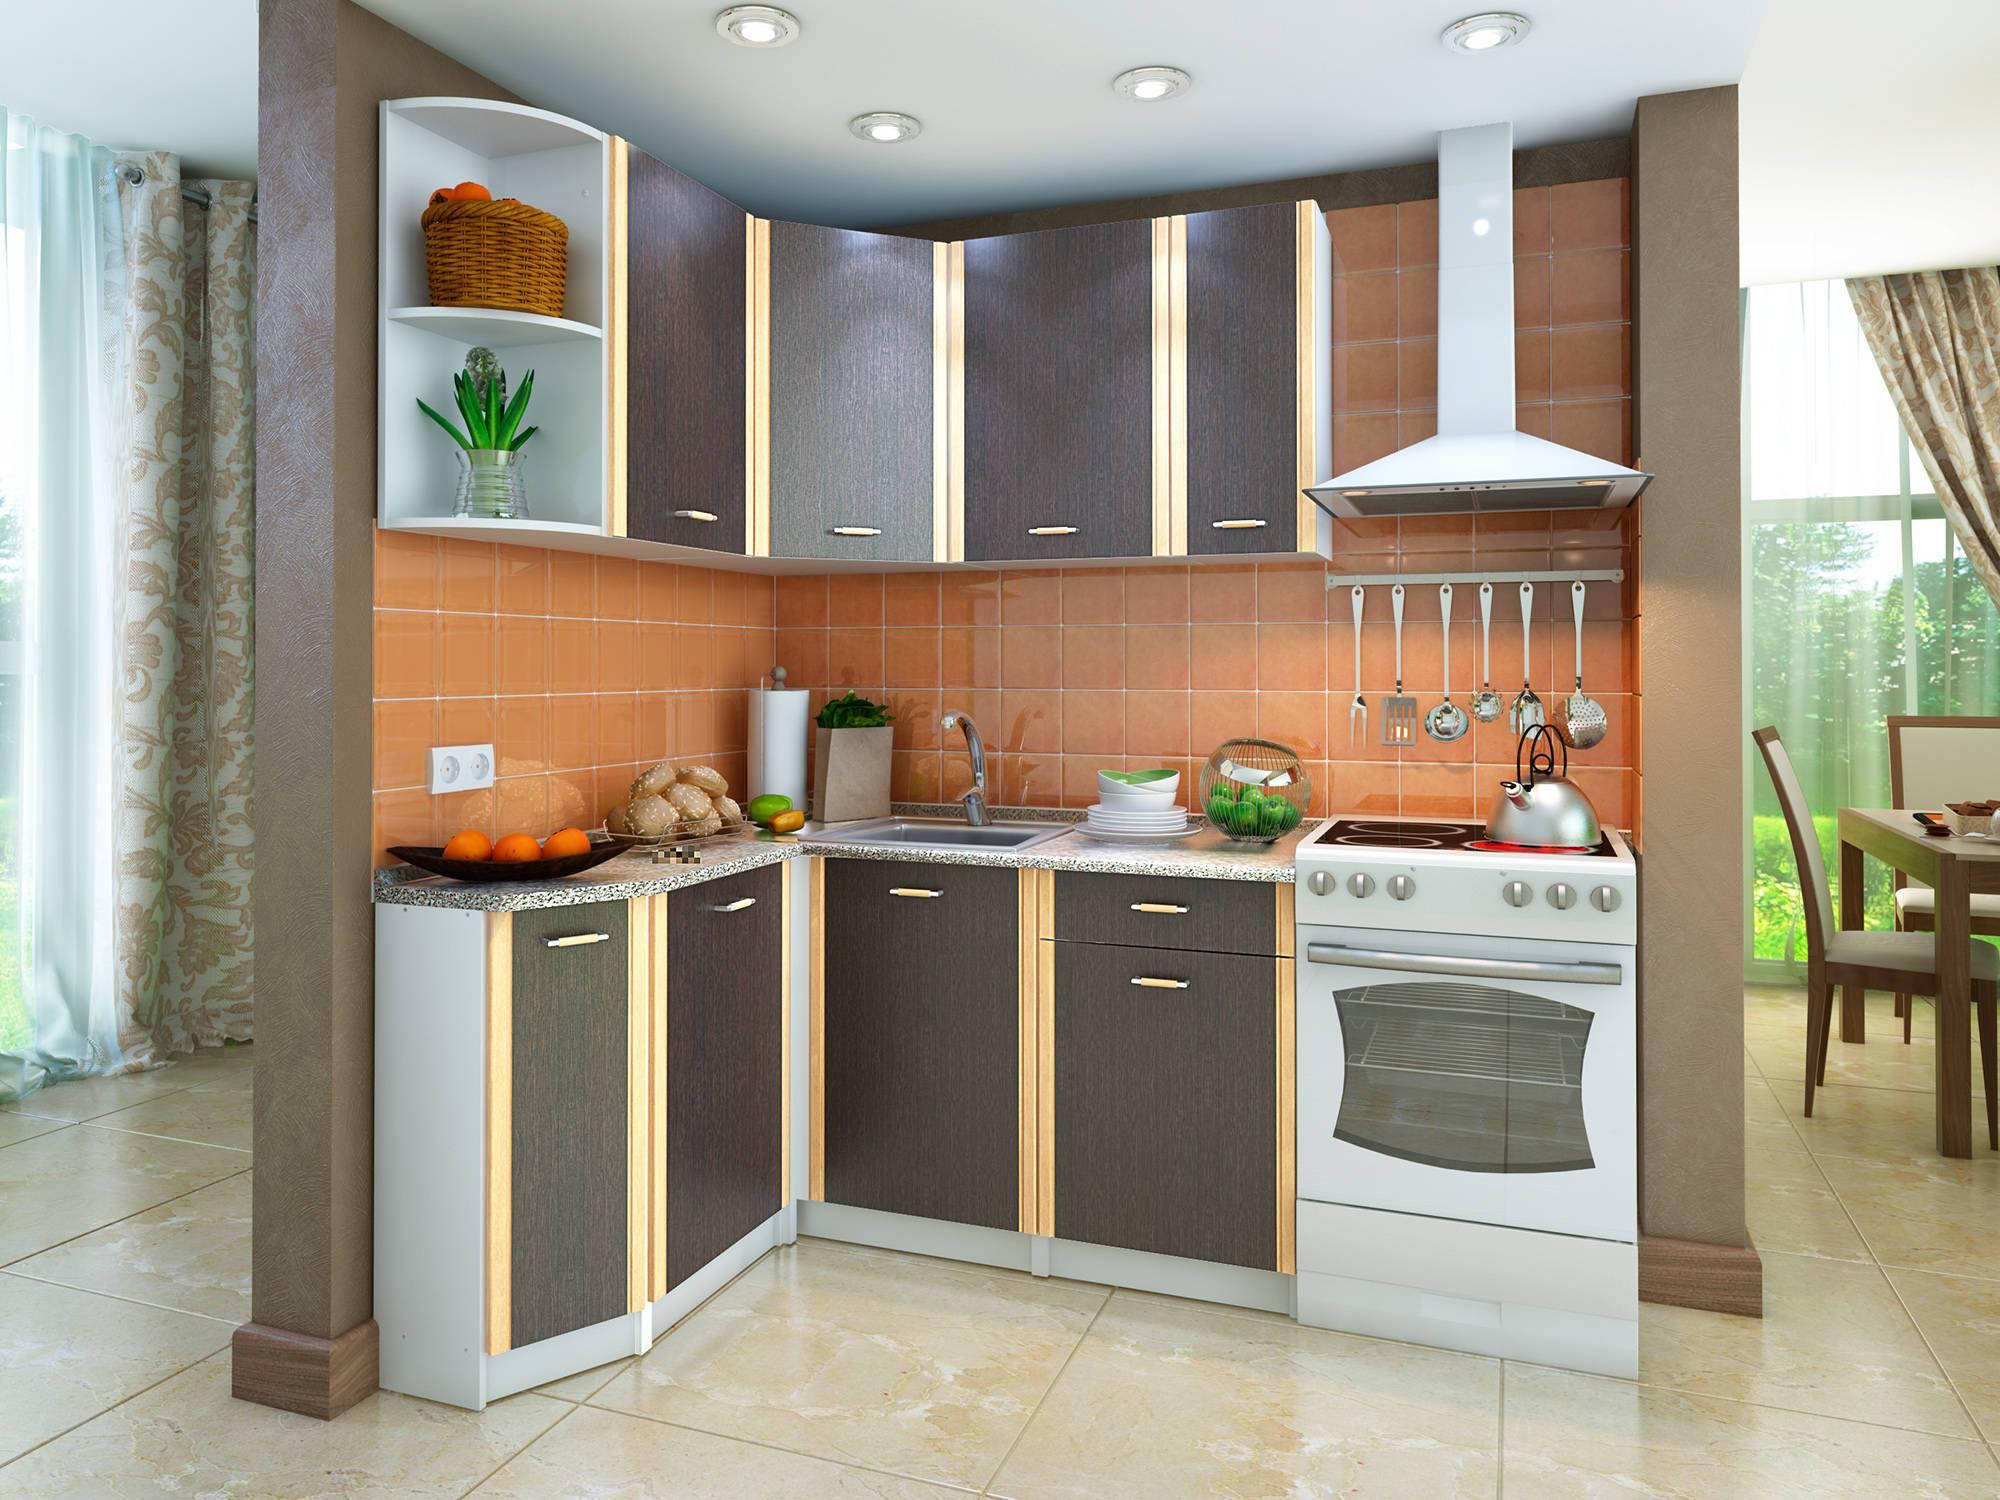 Кухонный гарнитур Бланка левый Белый, Венге, Коричневый темный